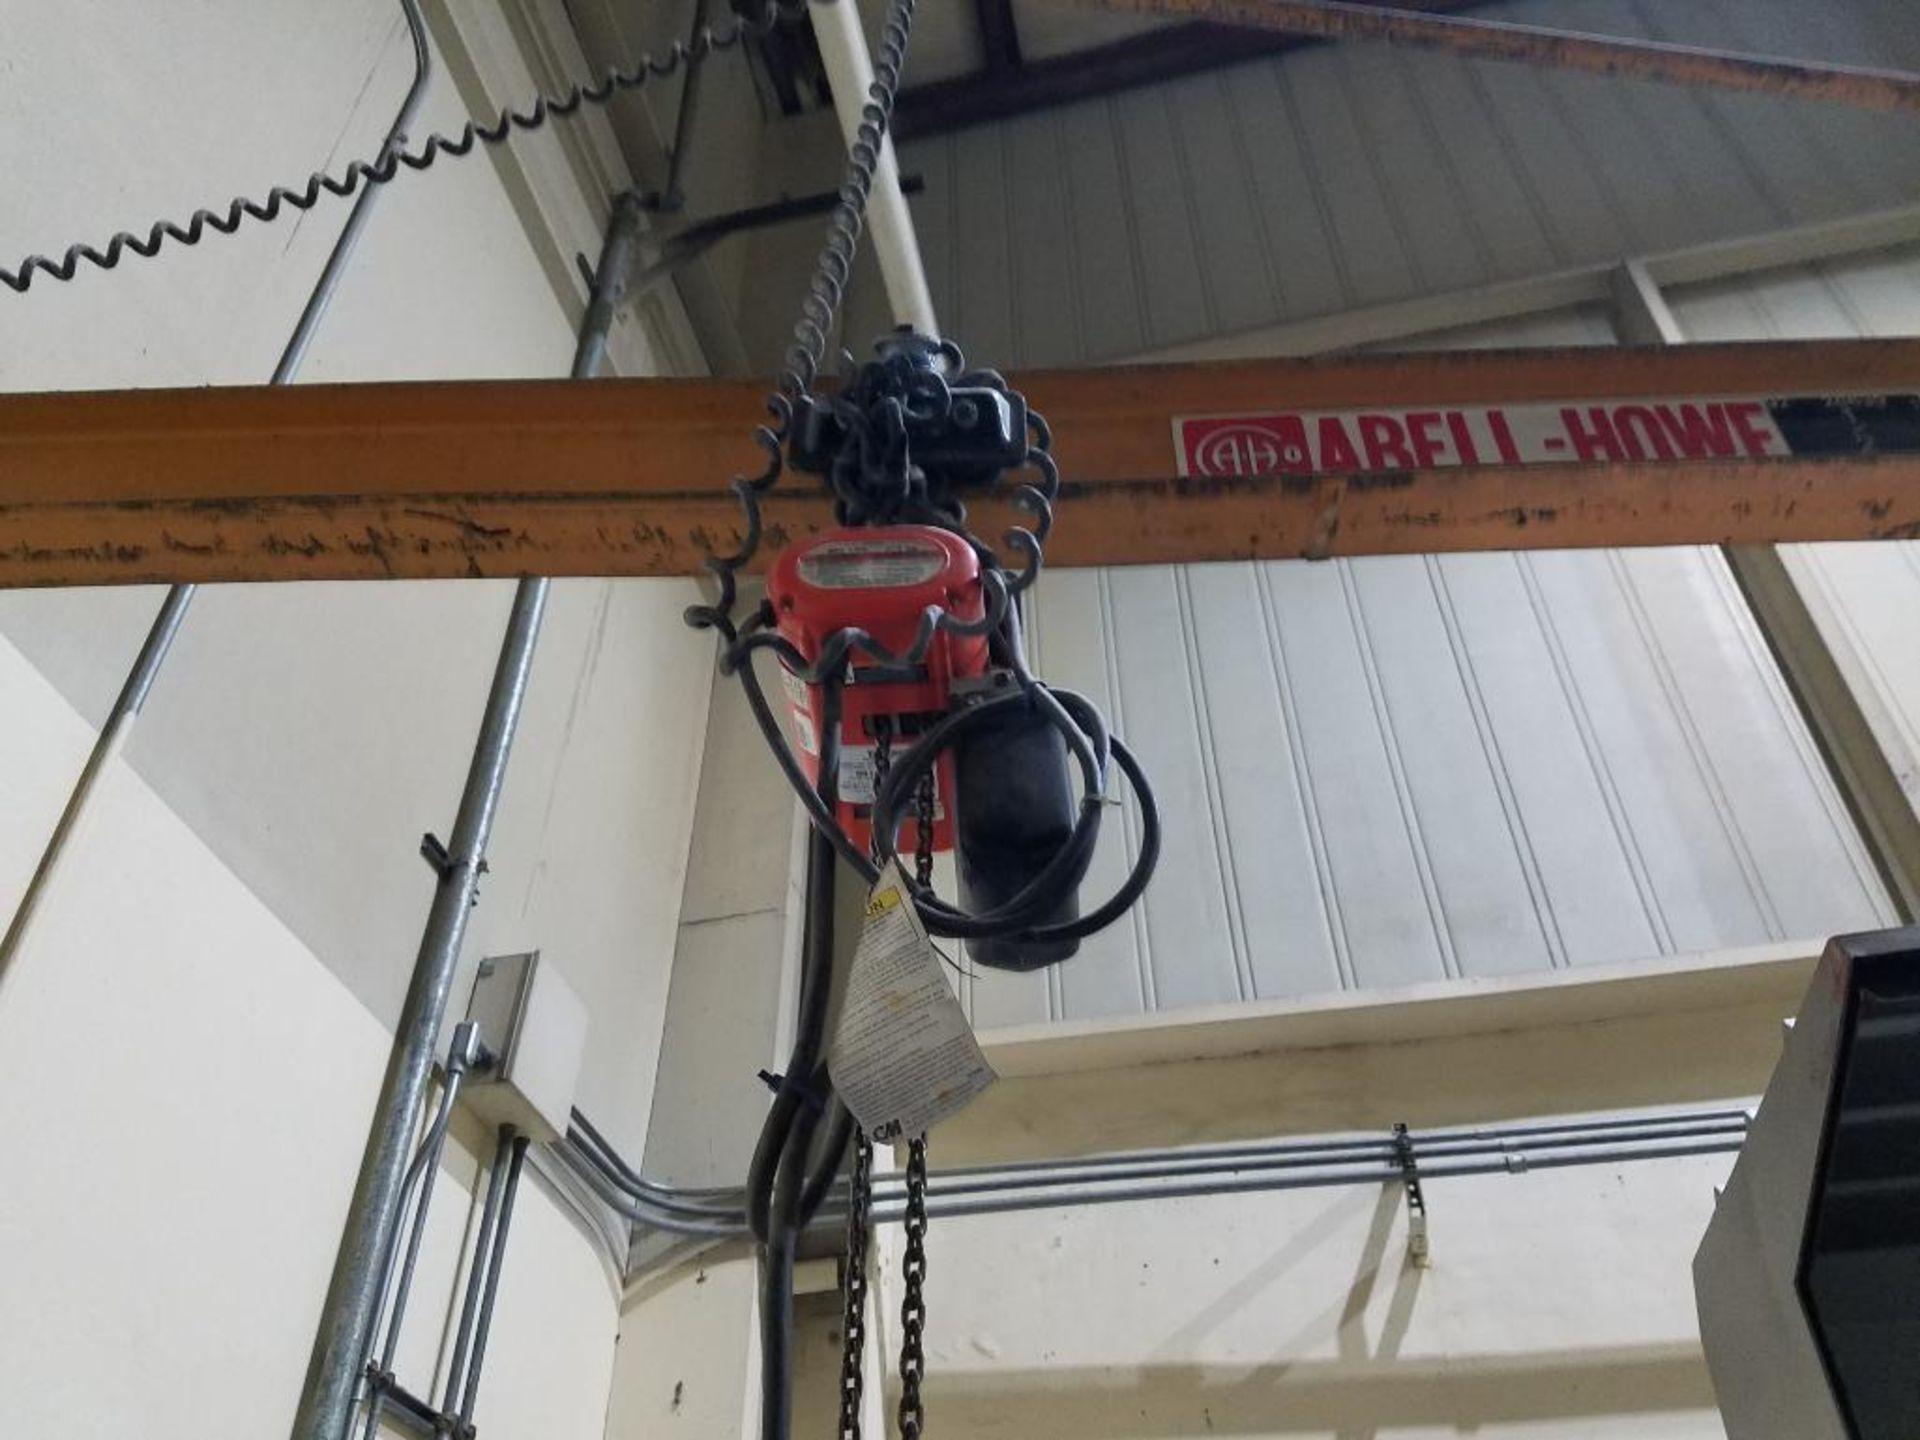 jibs and hoists - Image 6 of 6